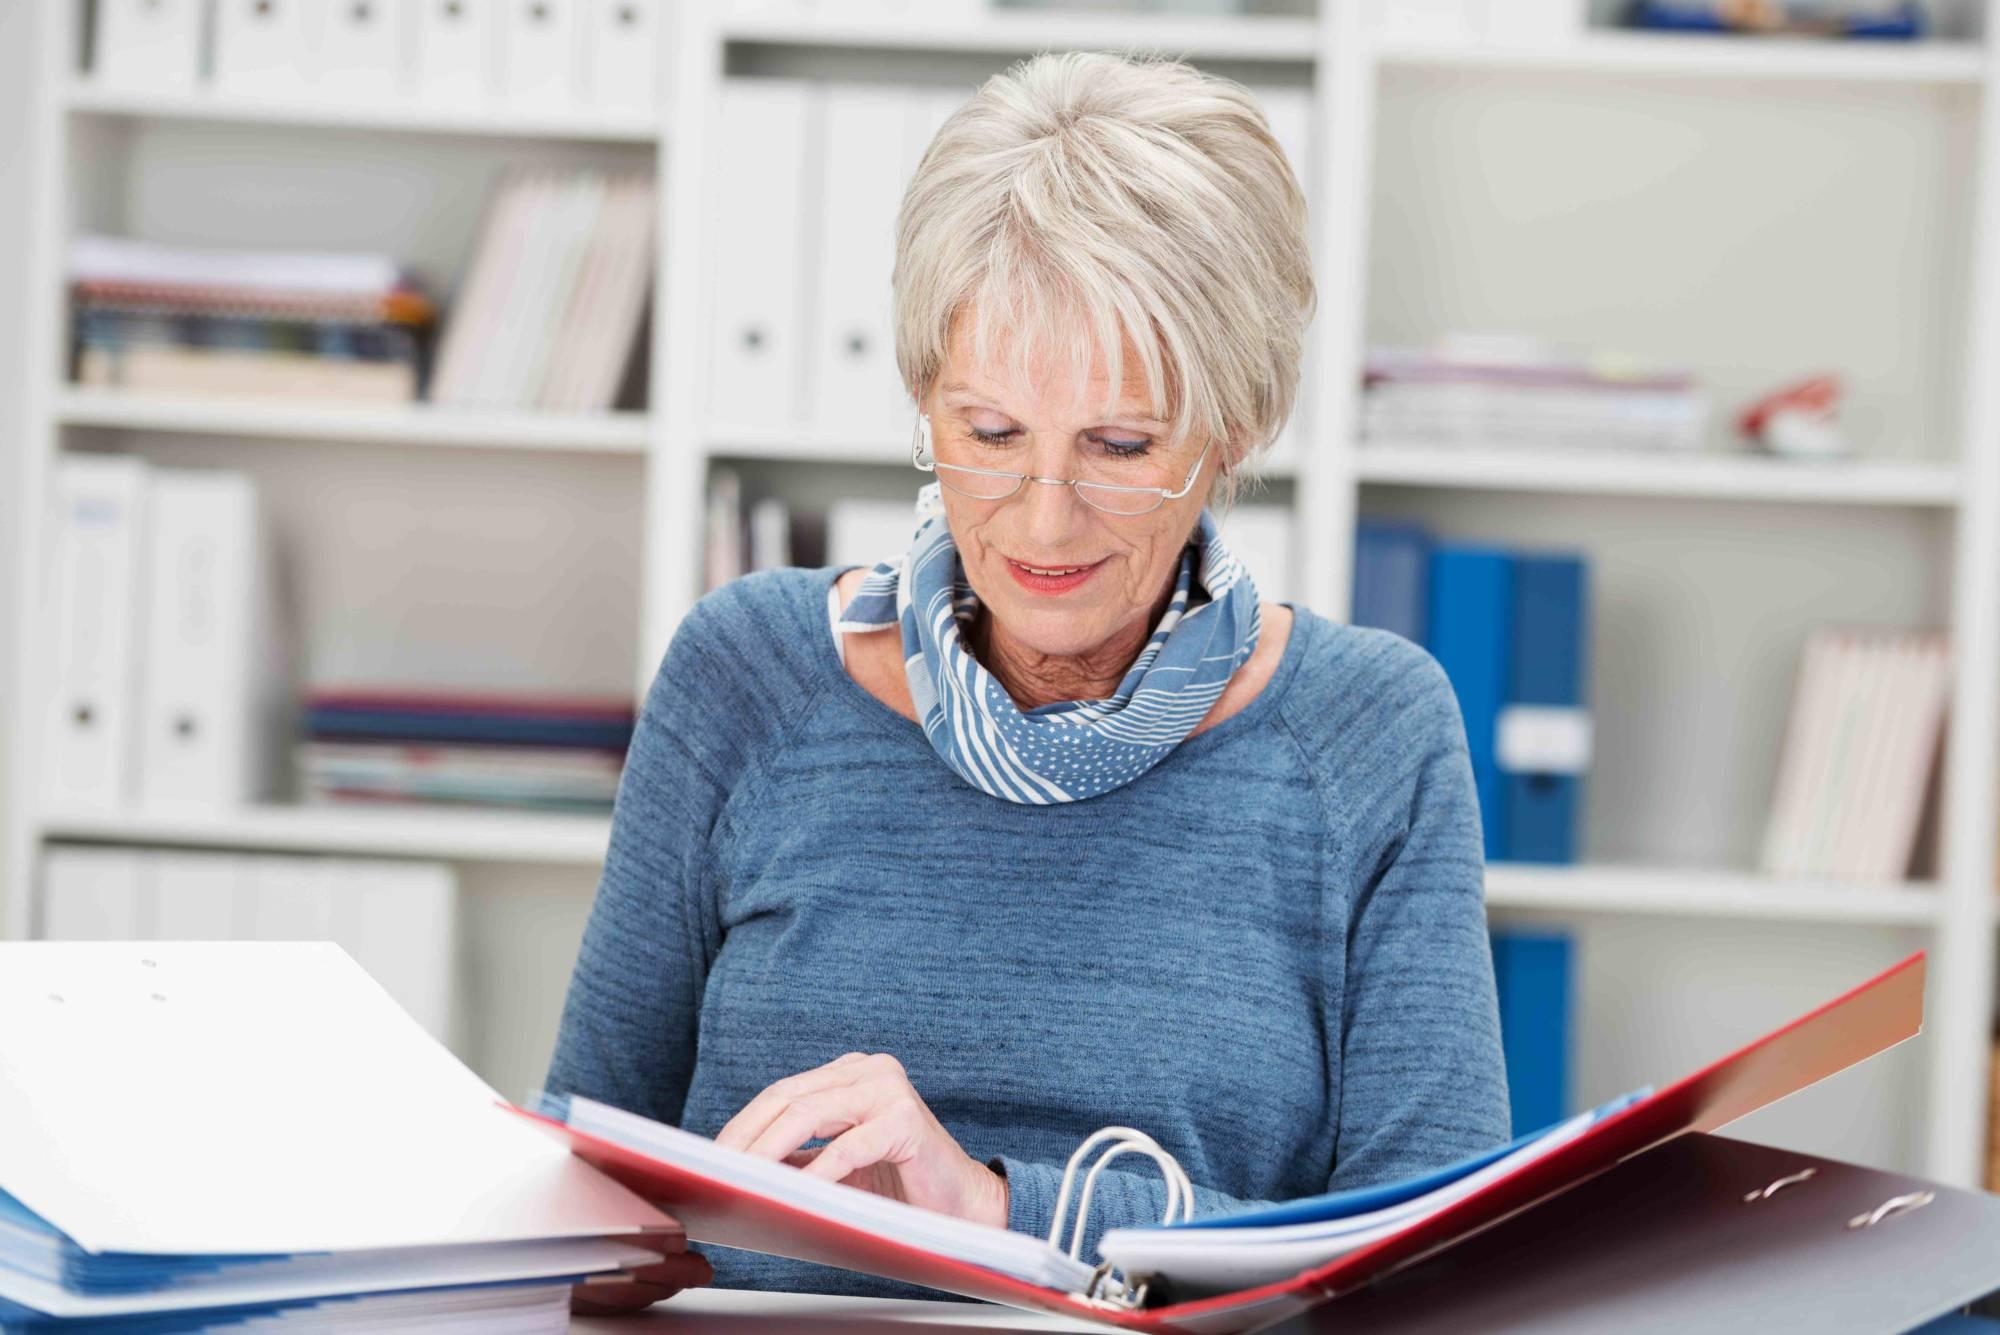 3 уловки работодателей, чтобы избавиться от пенсионеров в штате